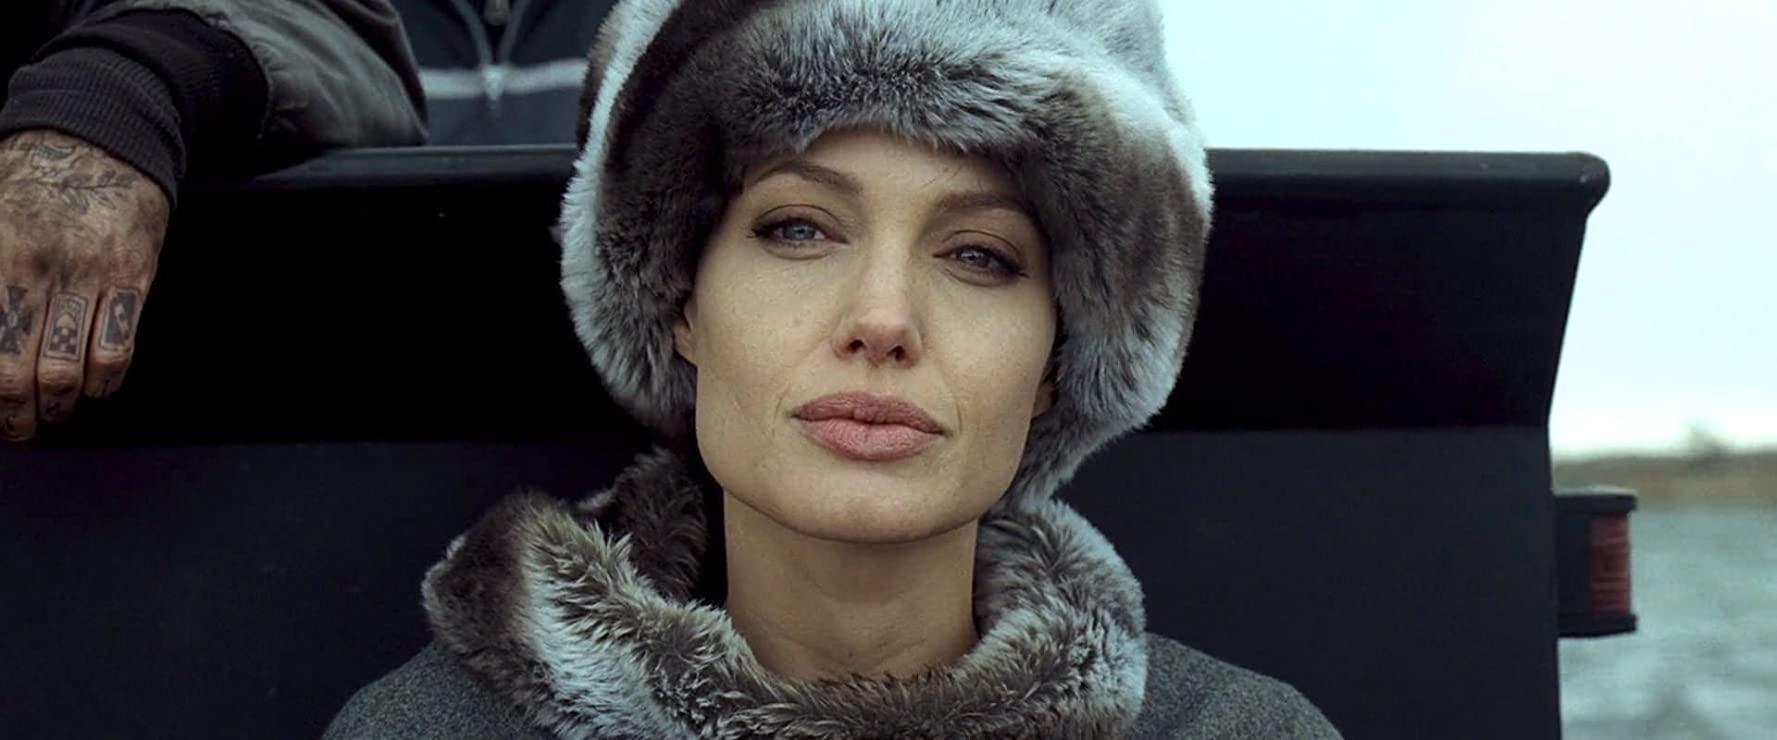 Filmy Z Angelina Jolie